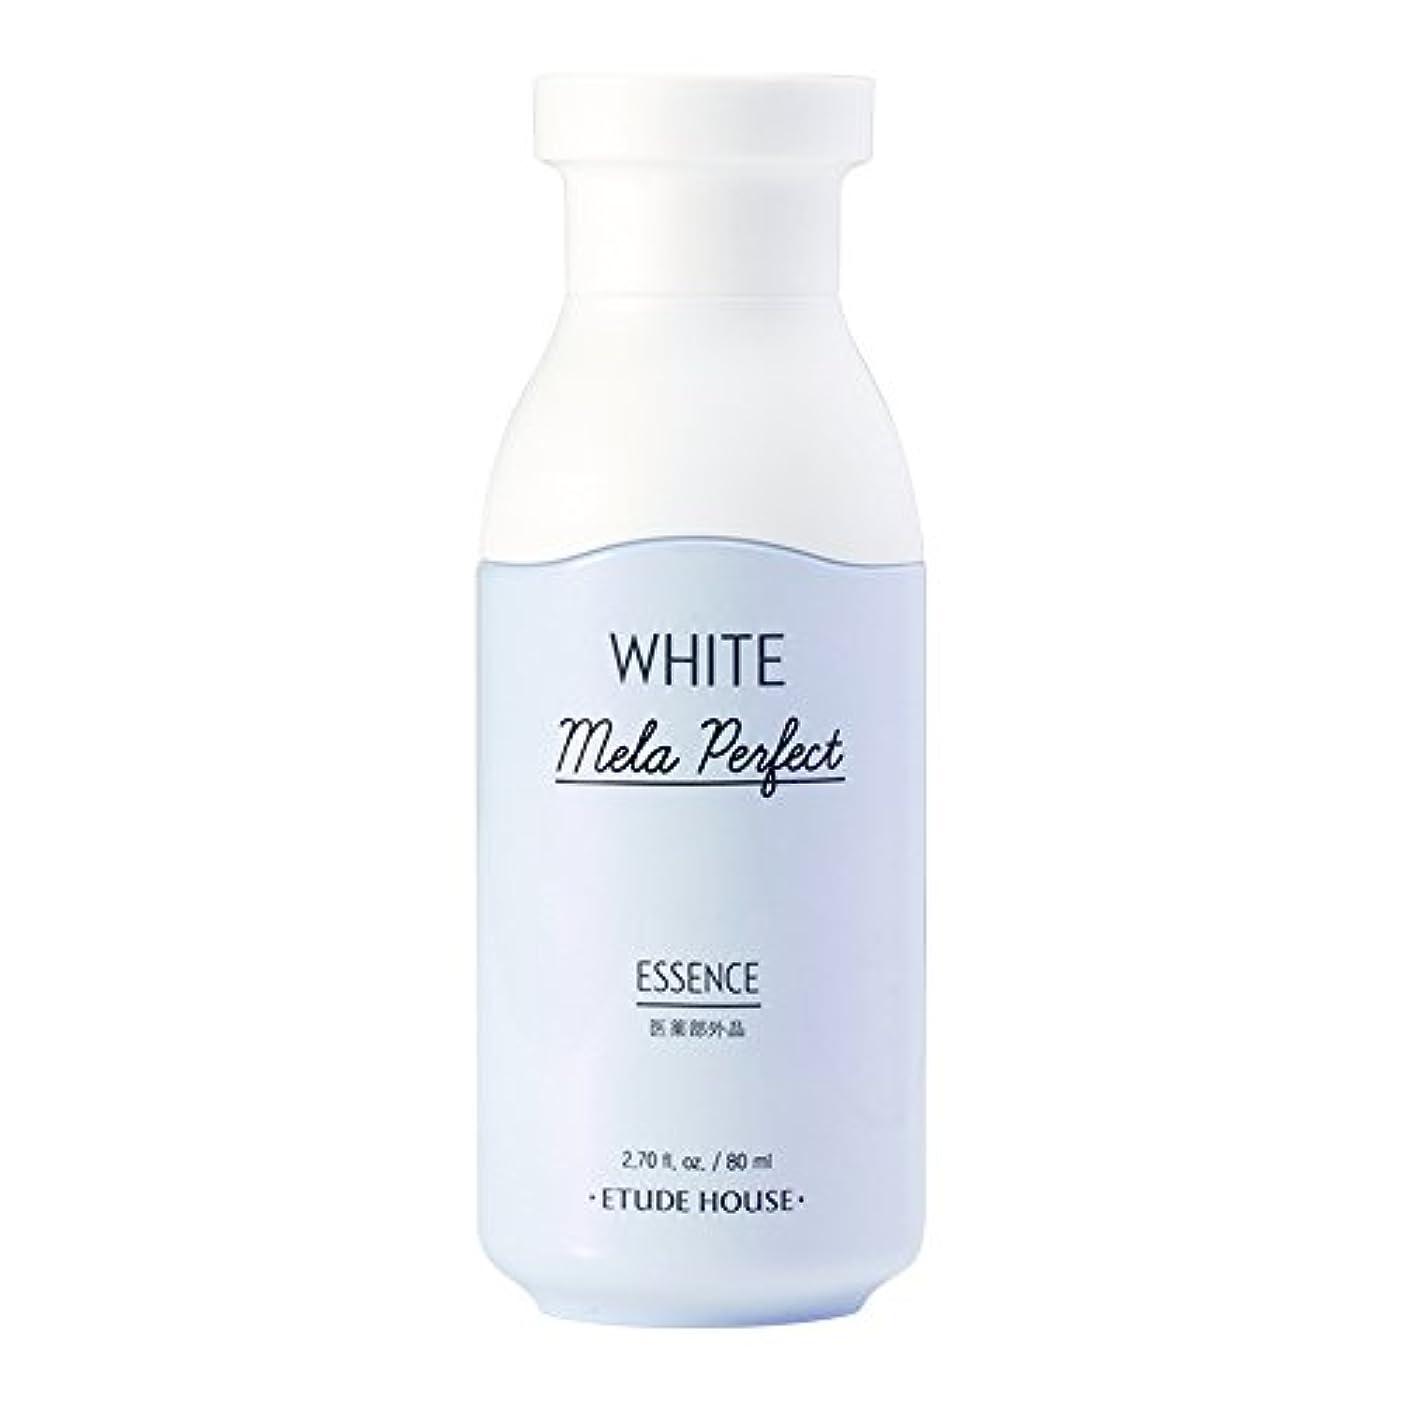 繊細小石振動するエチュードハウス(ETUDE HOUSE) ホワイトメラパーフェクト エッセンス「美白美容液」